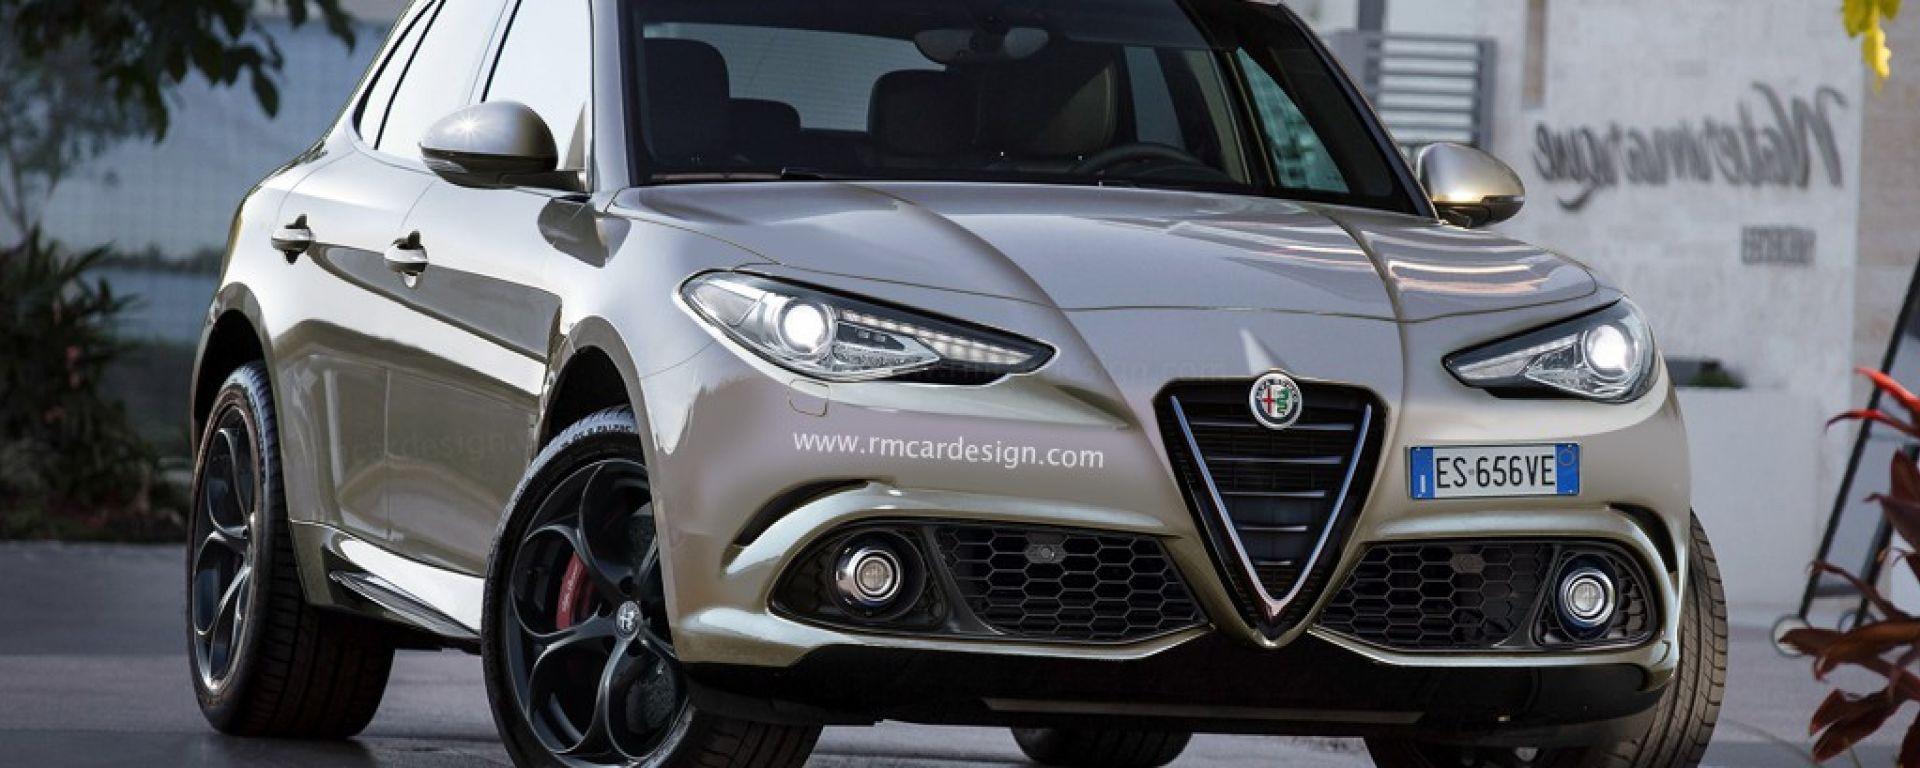 Alfa Romeo: il SUV rivale della Cayenne si farà a Mirafiori?